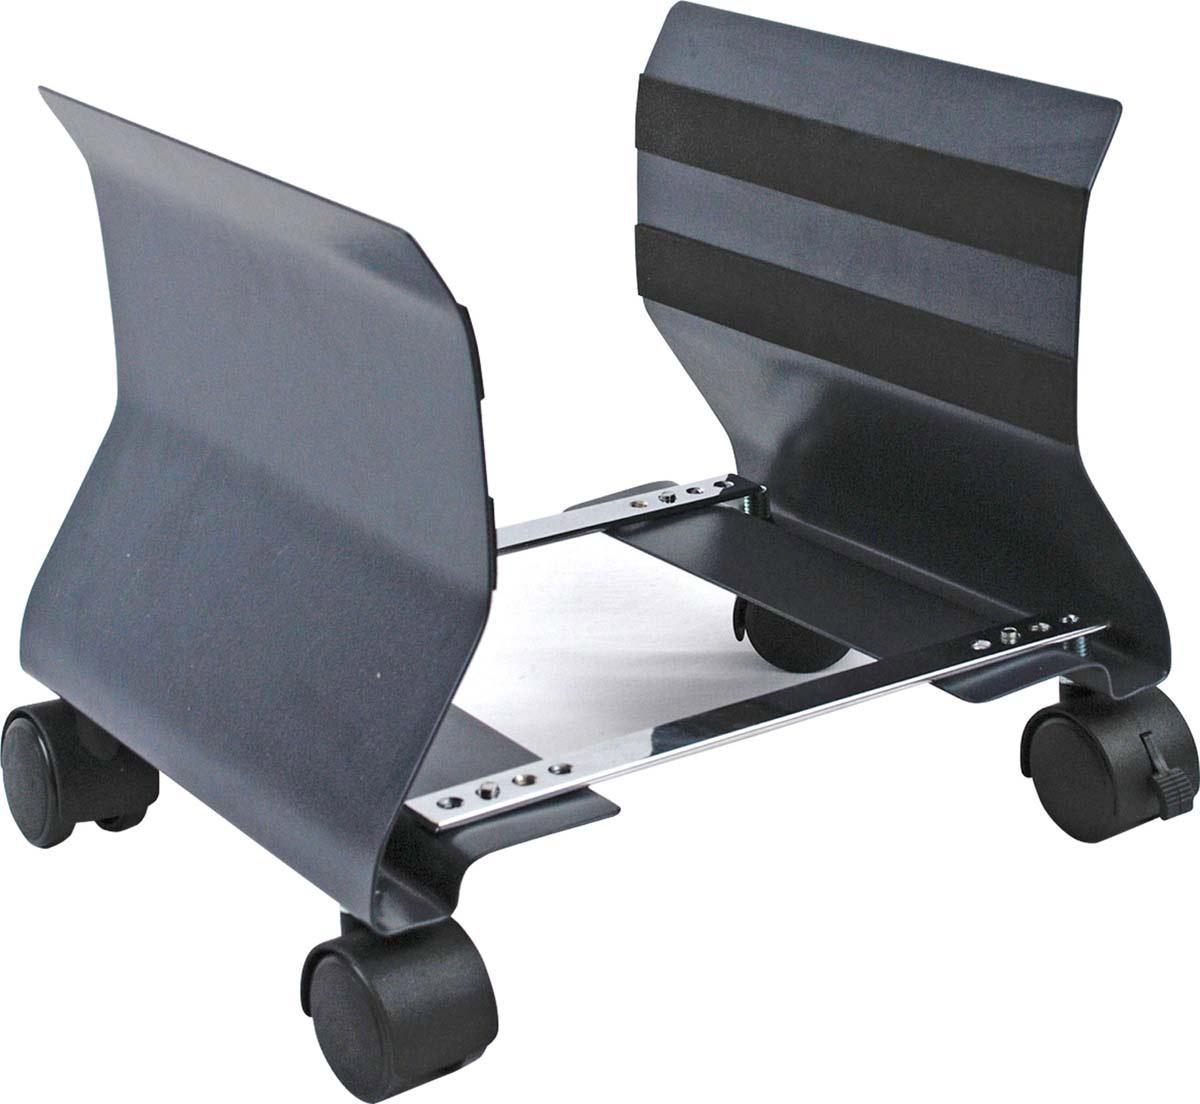 Fellowes FS-91692 подставка под системный блокFS-91692Подставка FS-91692 идеально подходит для размещения системного блока под или около стола.Регулируемая ширина: от 152мм до 229мм.Надежная стальная конструкция обеспечивает удобное расположение системного блока.Ролики для мобильности (на двух колесах возможность фиксации для обеспечения устойчивости).